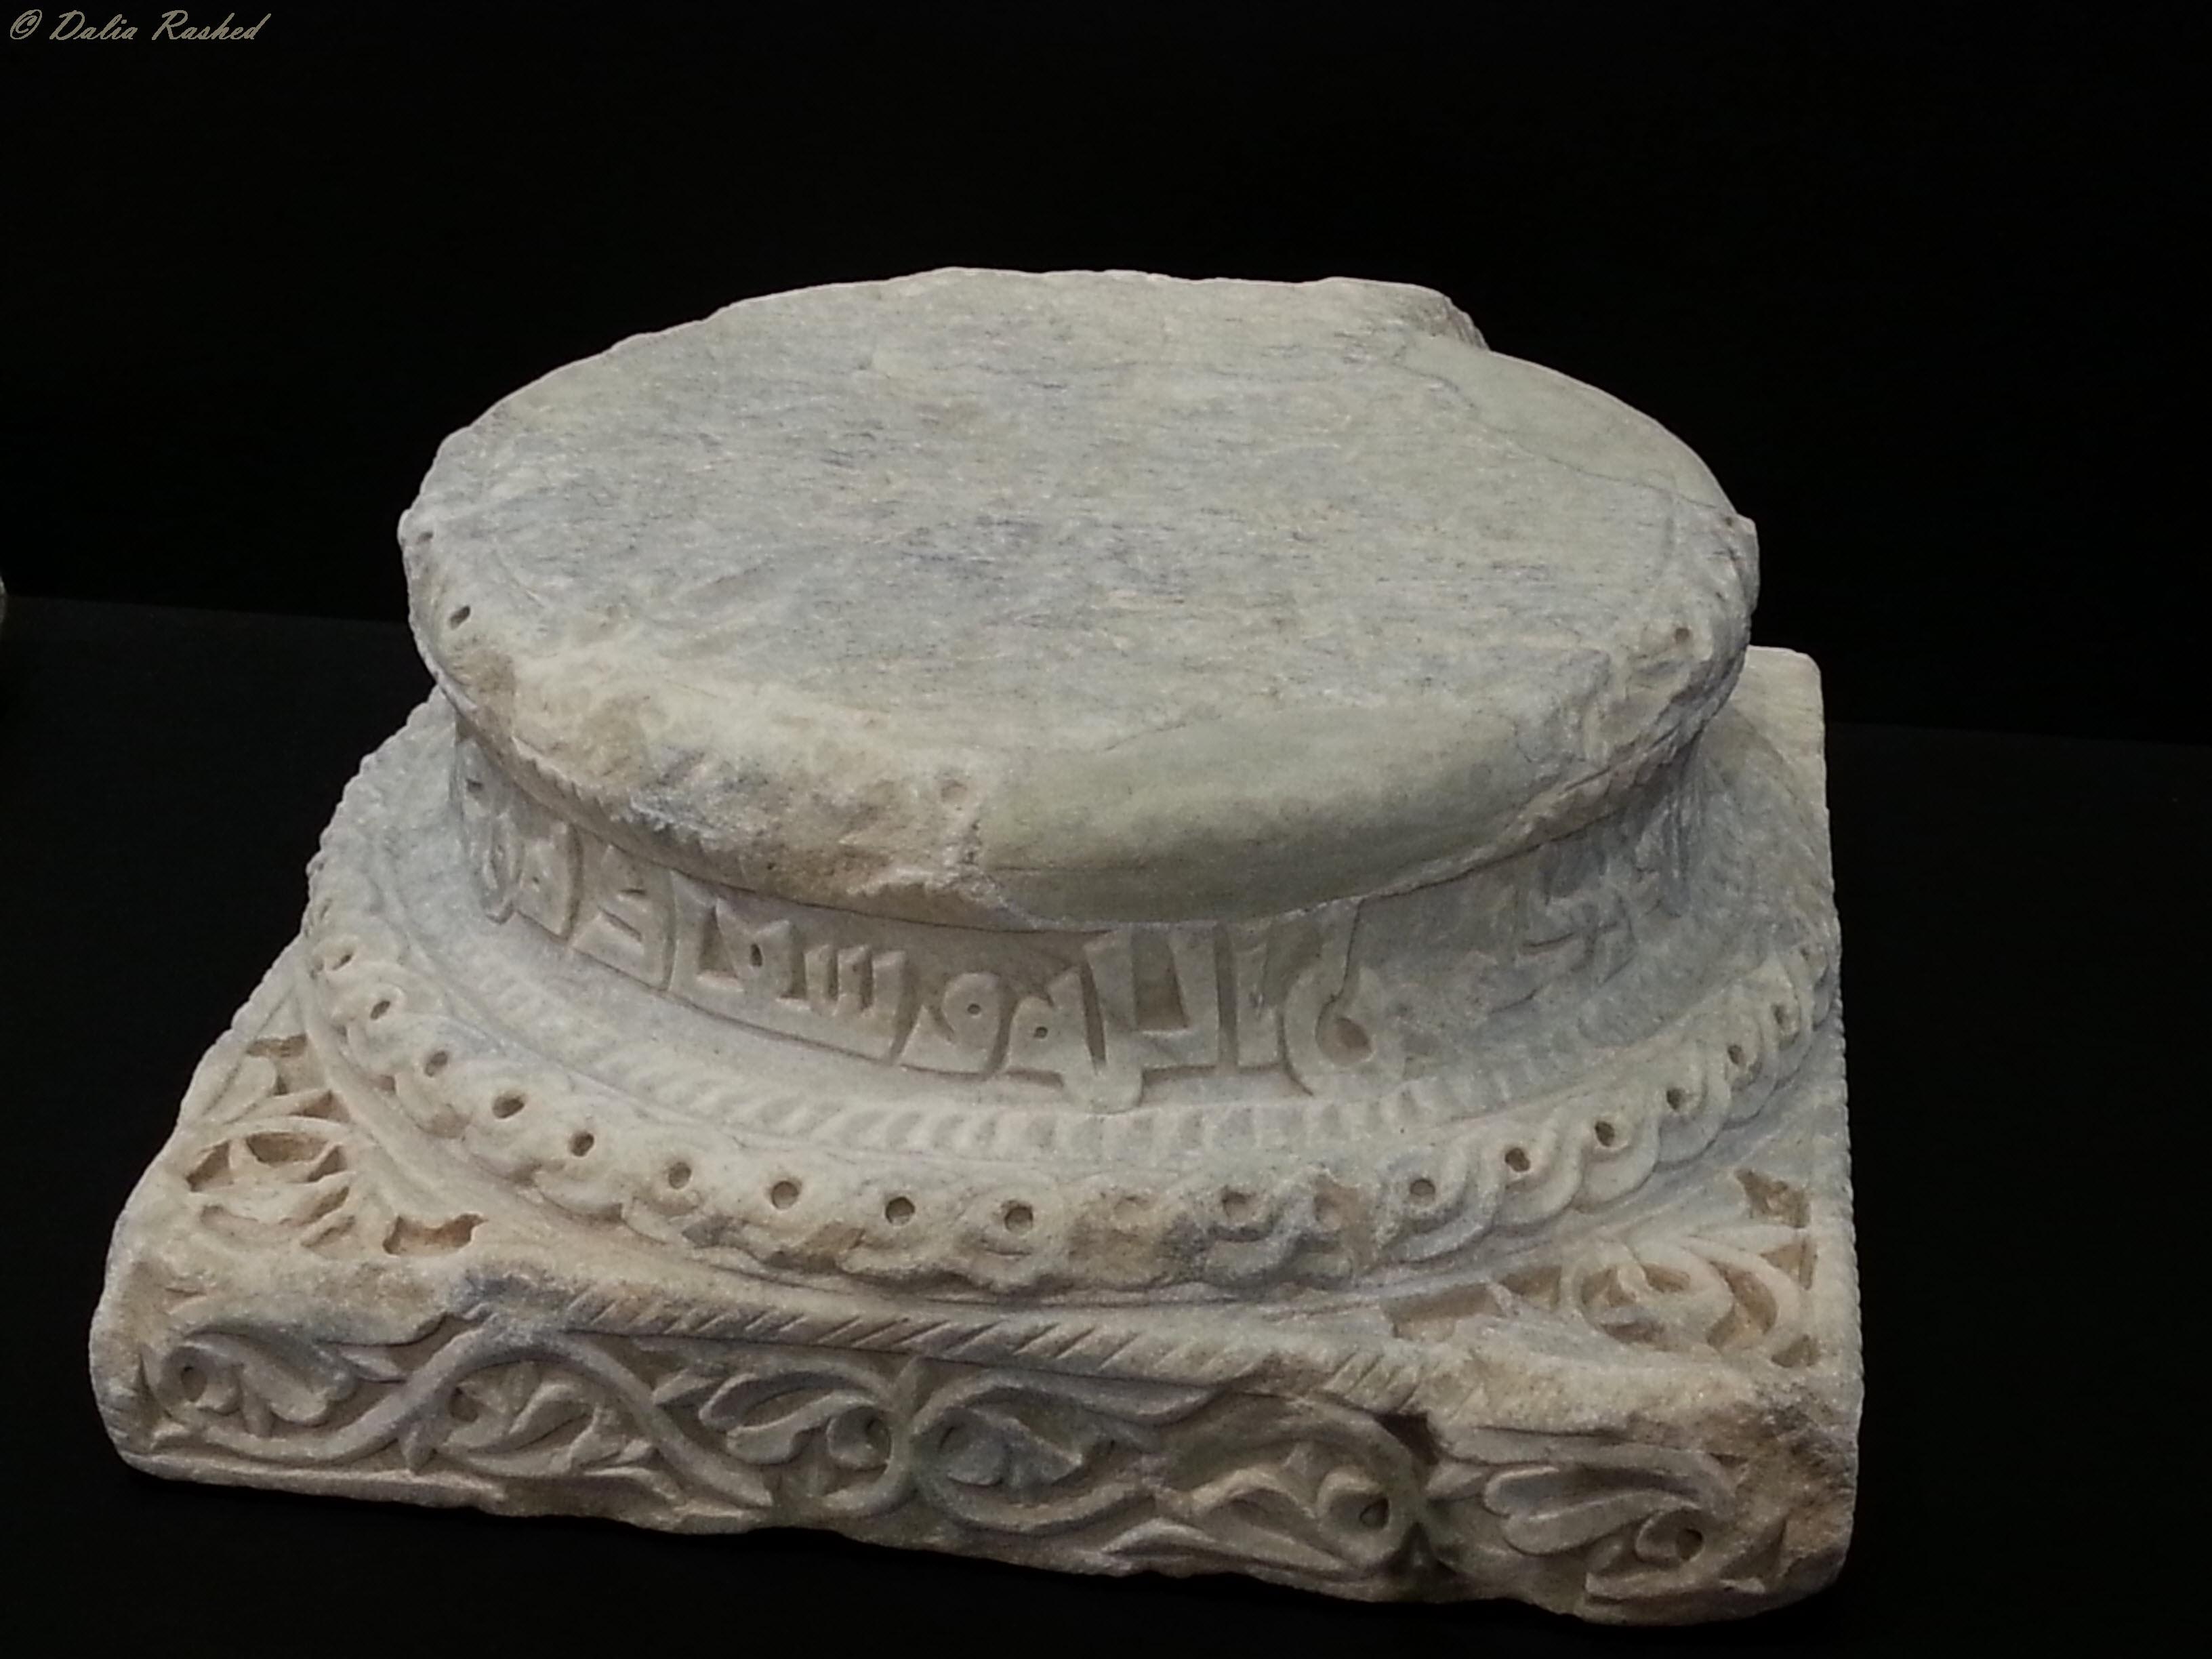 قاعدة عامود من الرخام من بقايا مدينة الزهراء